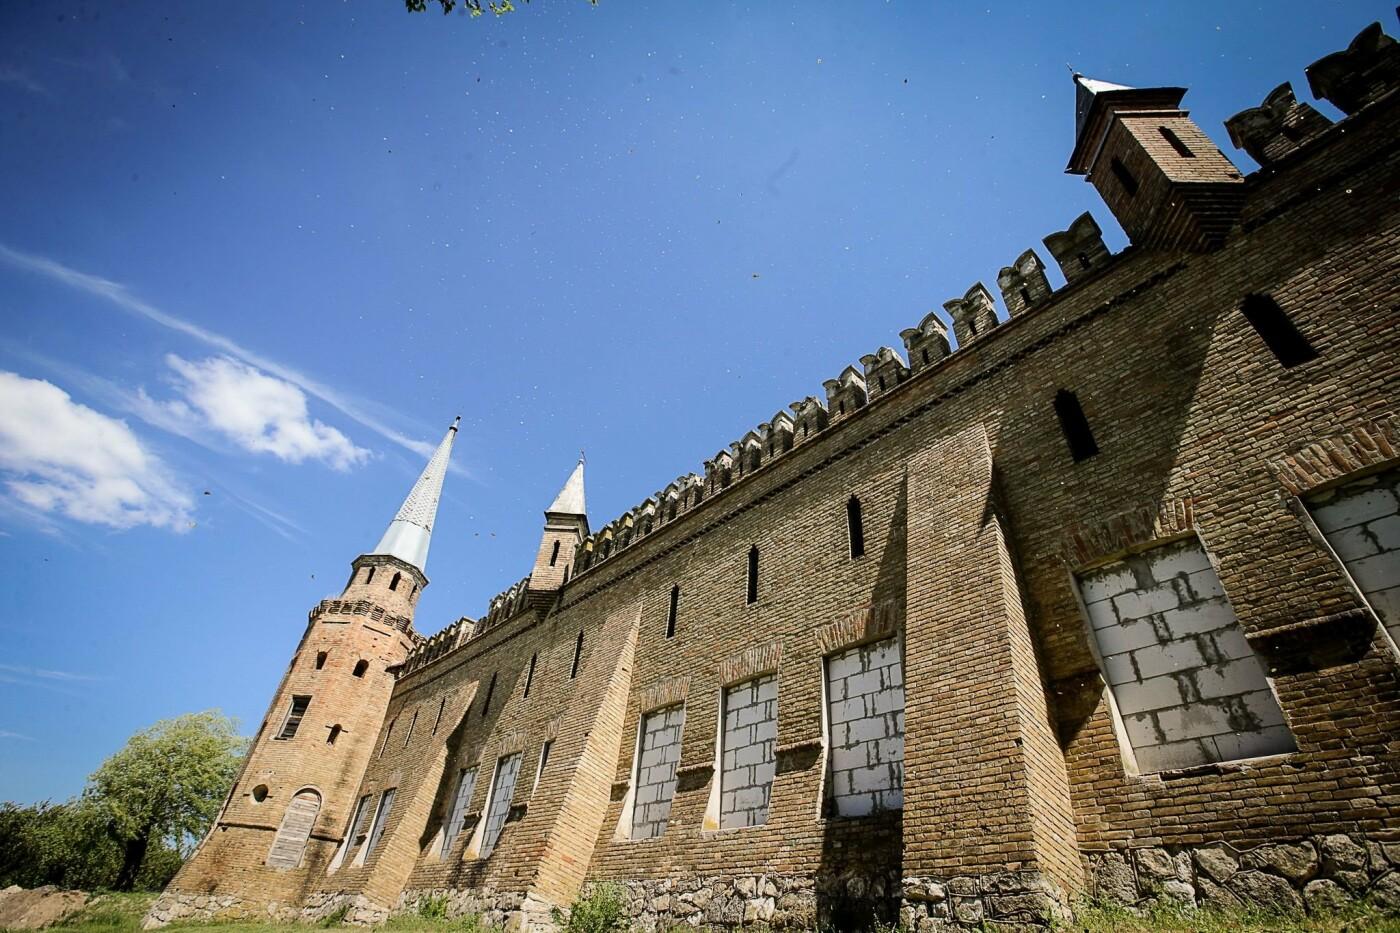 Маршруты выходного дня: не скучаем на карантине, а изучаем Запорожскую область и открываем секреты родного города, фото-5